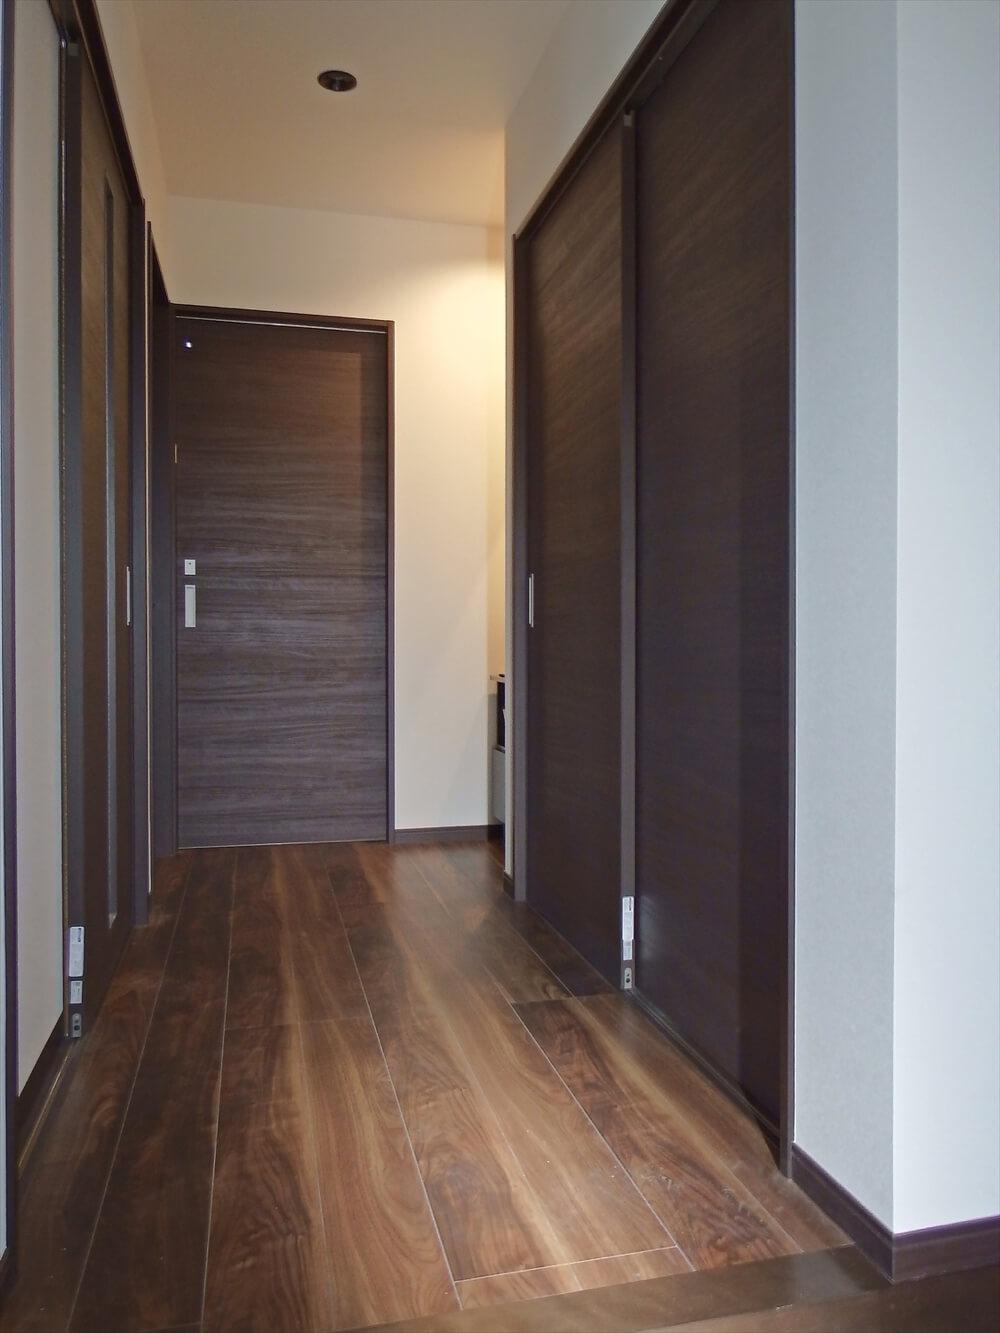 クロスが特徴的なリゾートテイスト平屋の廊下|行方市の注文住宅,ログハウスのような低価格住宅を建てるならエイ・ワン